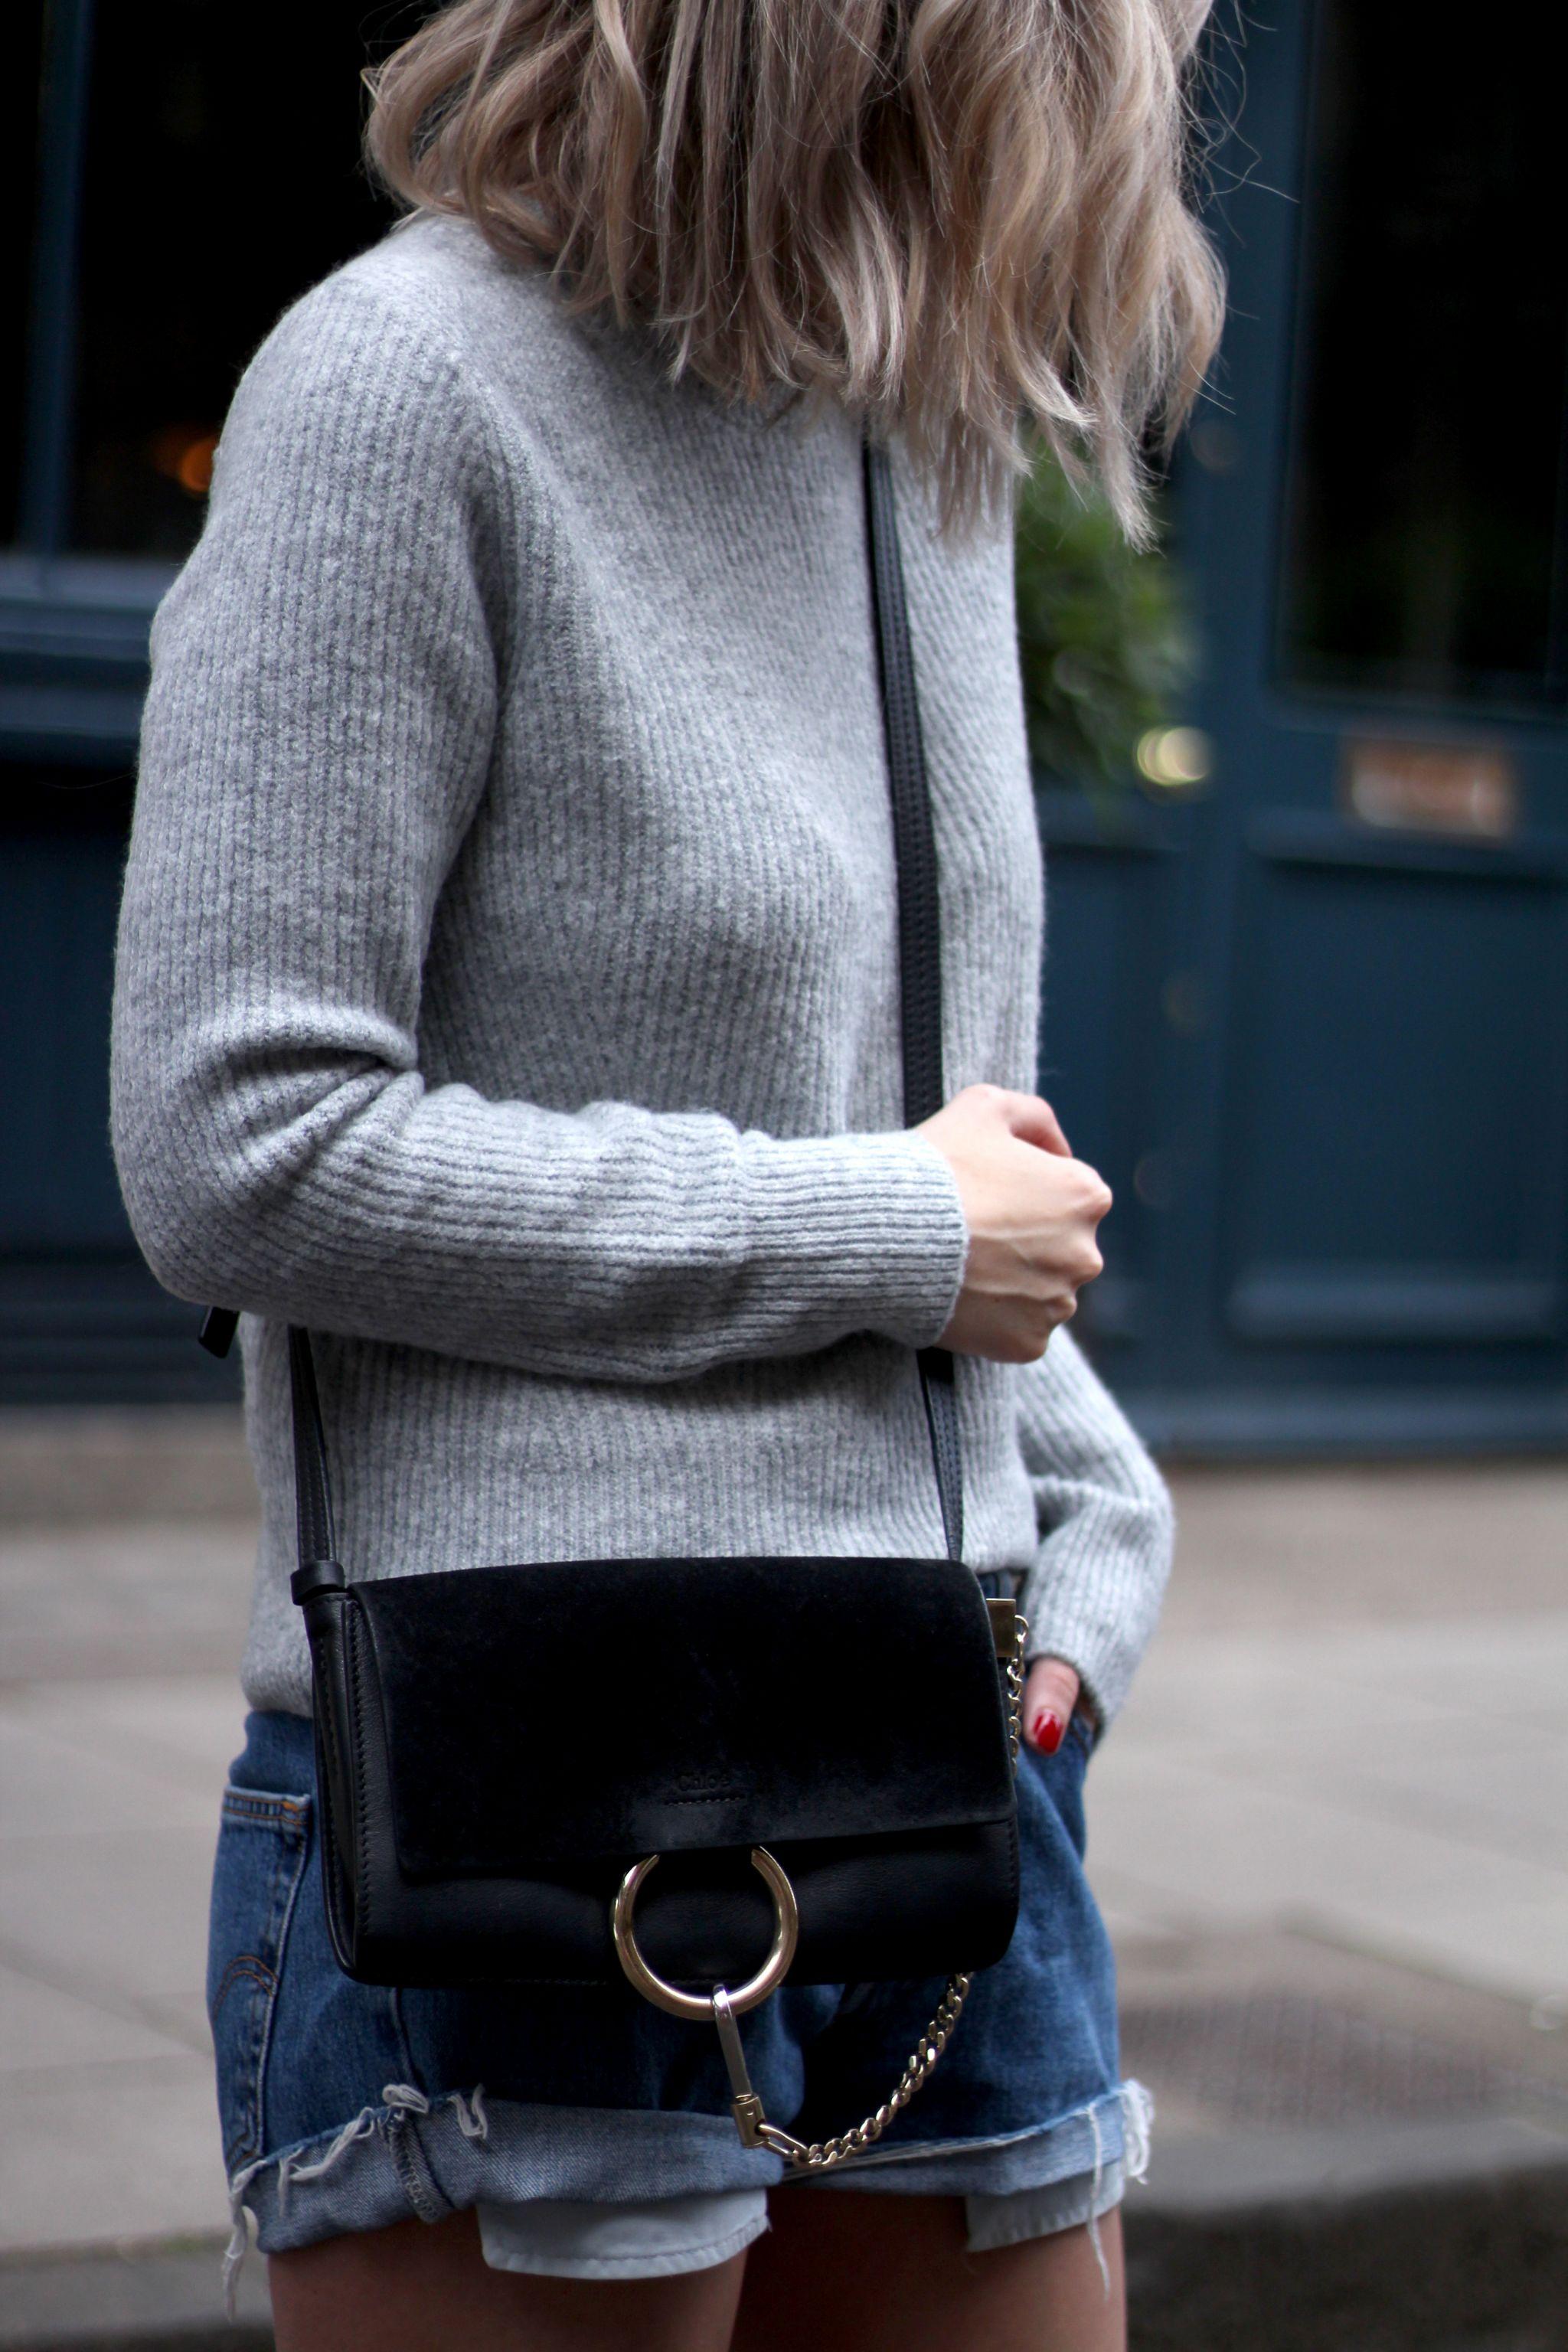 topshop-red-suede-chelsea-boots-grey-jumper-zara-white-blazer-16